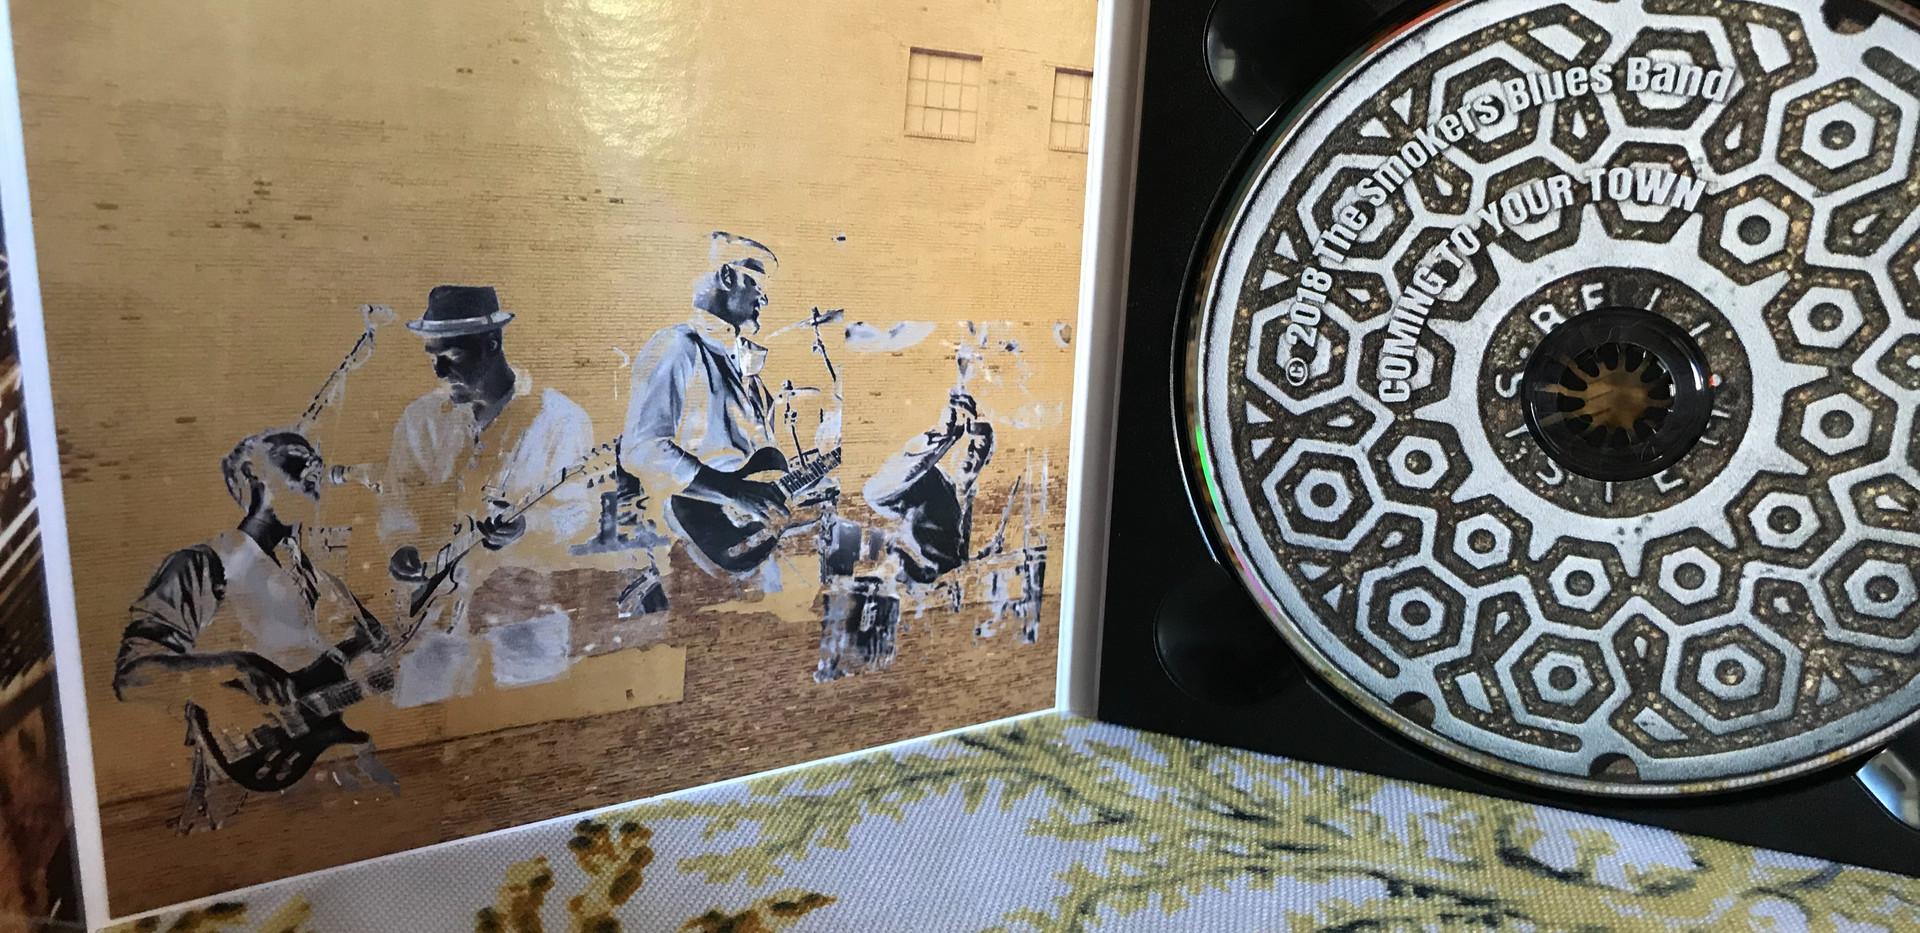 Smokers Blues Band Interior & CD